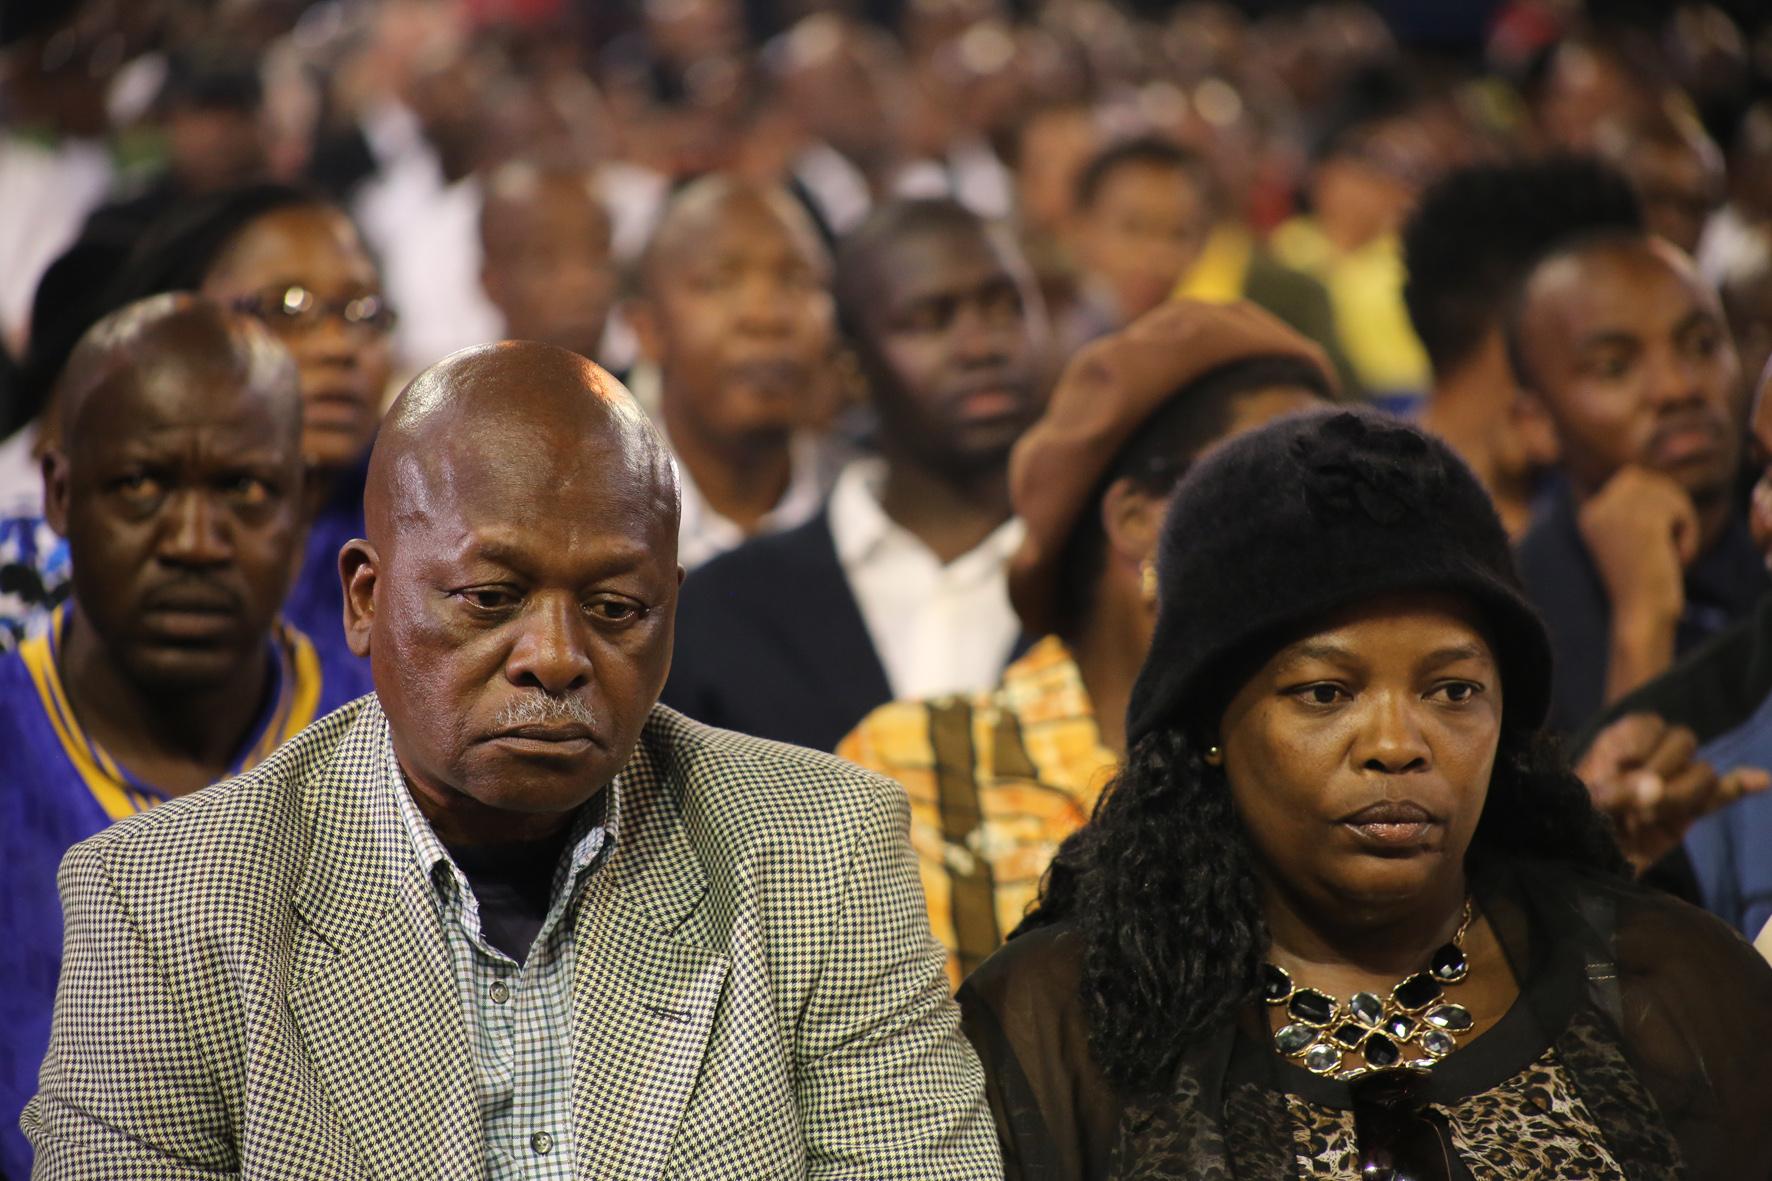 2014 oct 31 south africa mourns three athletes inkanyiso 2014 oct 30 mr mrs meyiwa3984 negle Choice Image